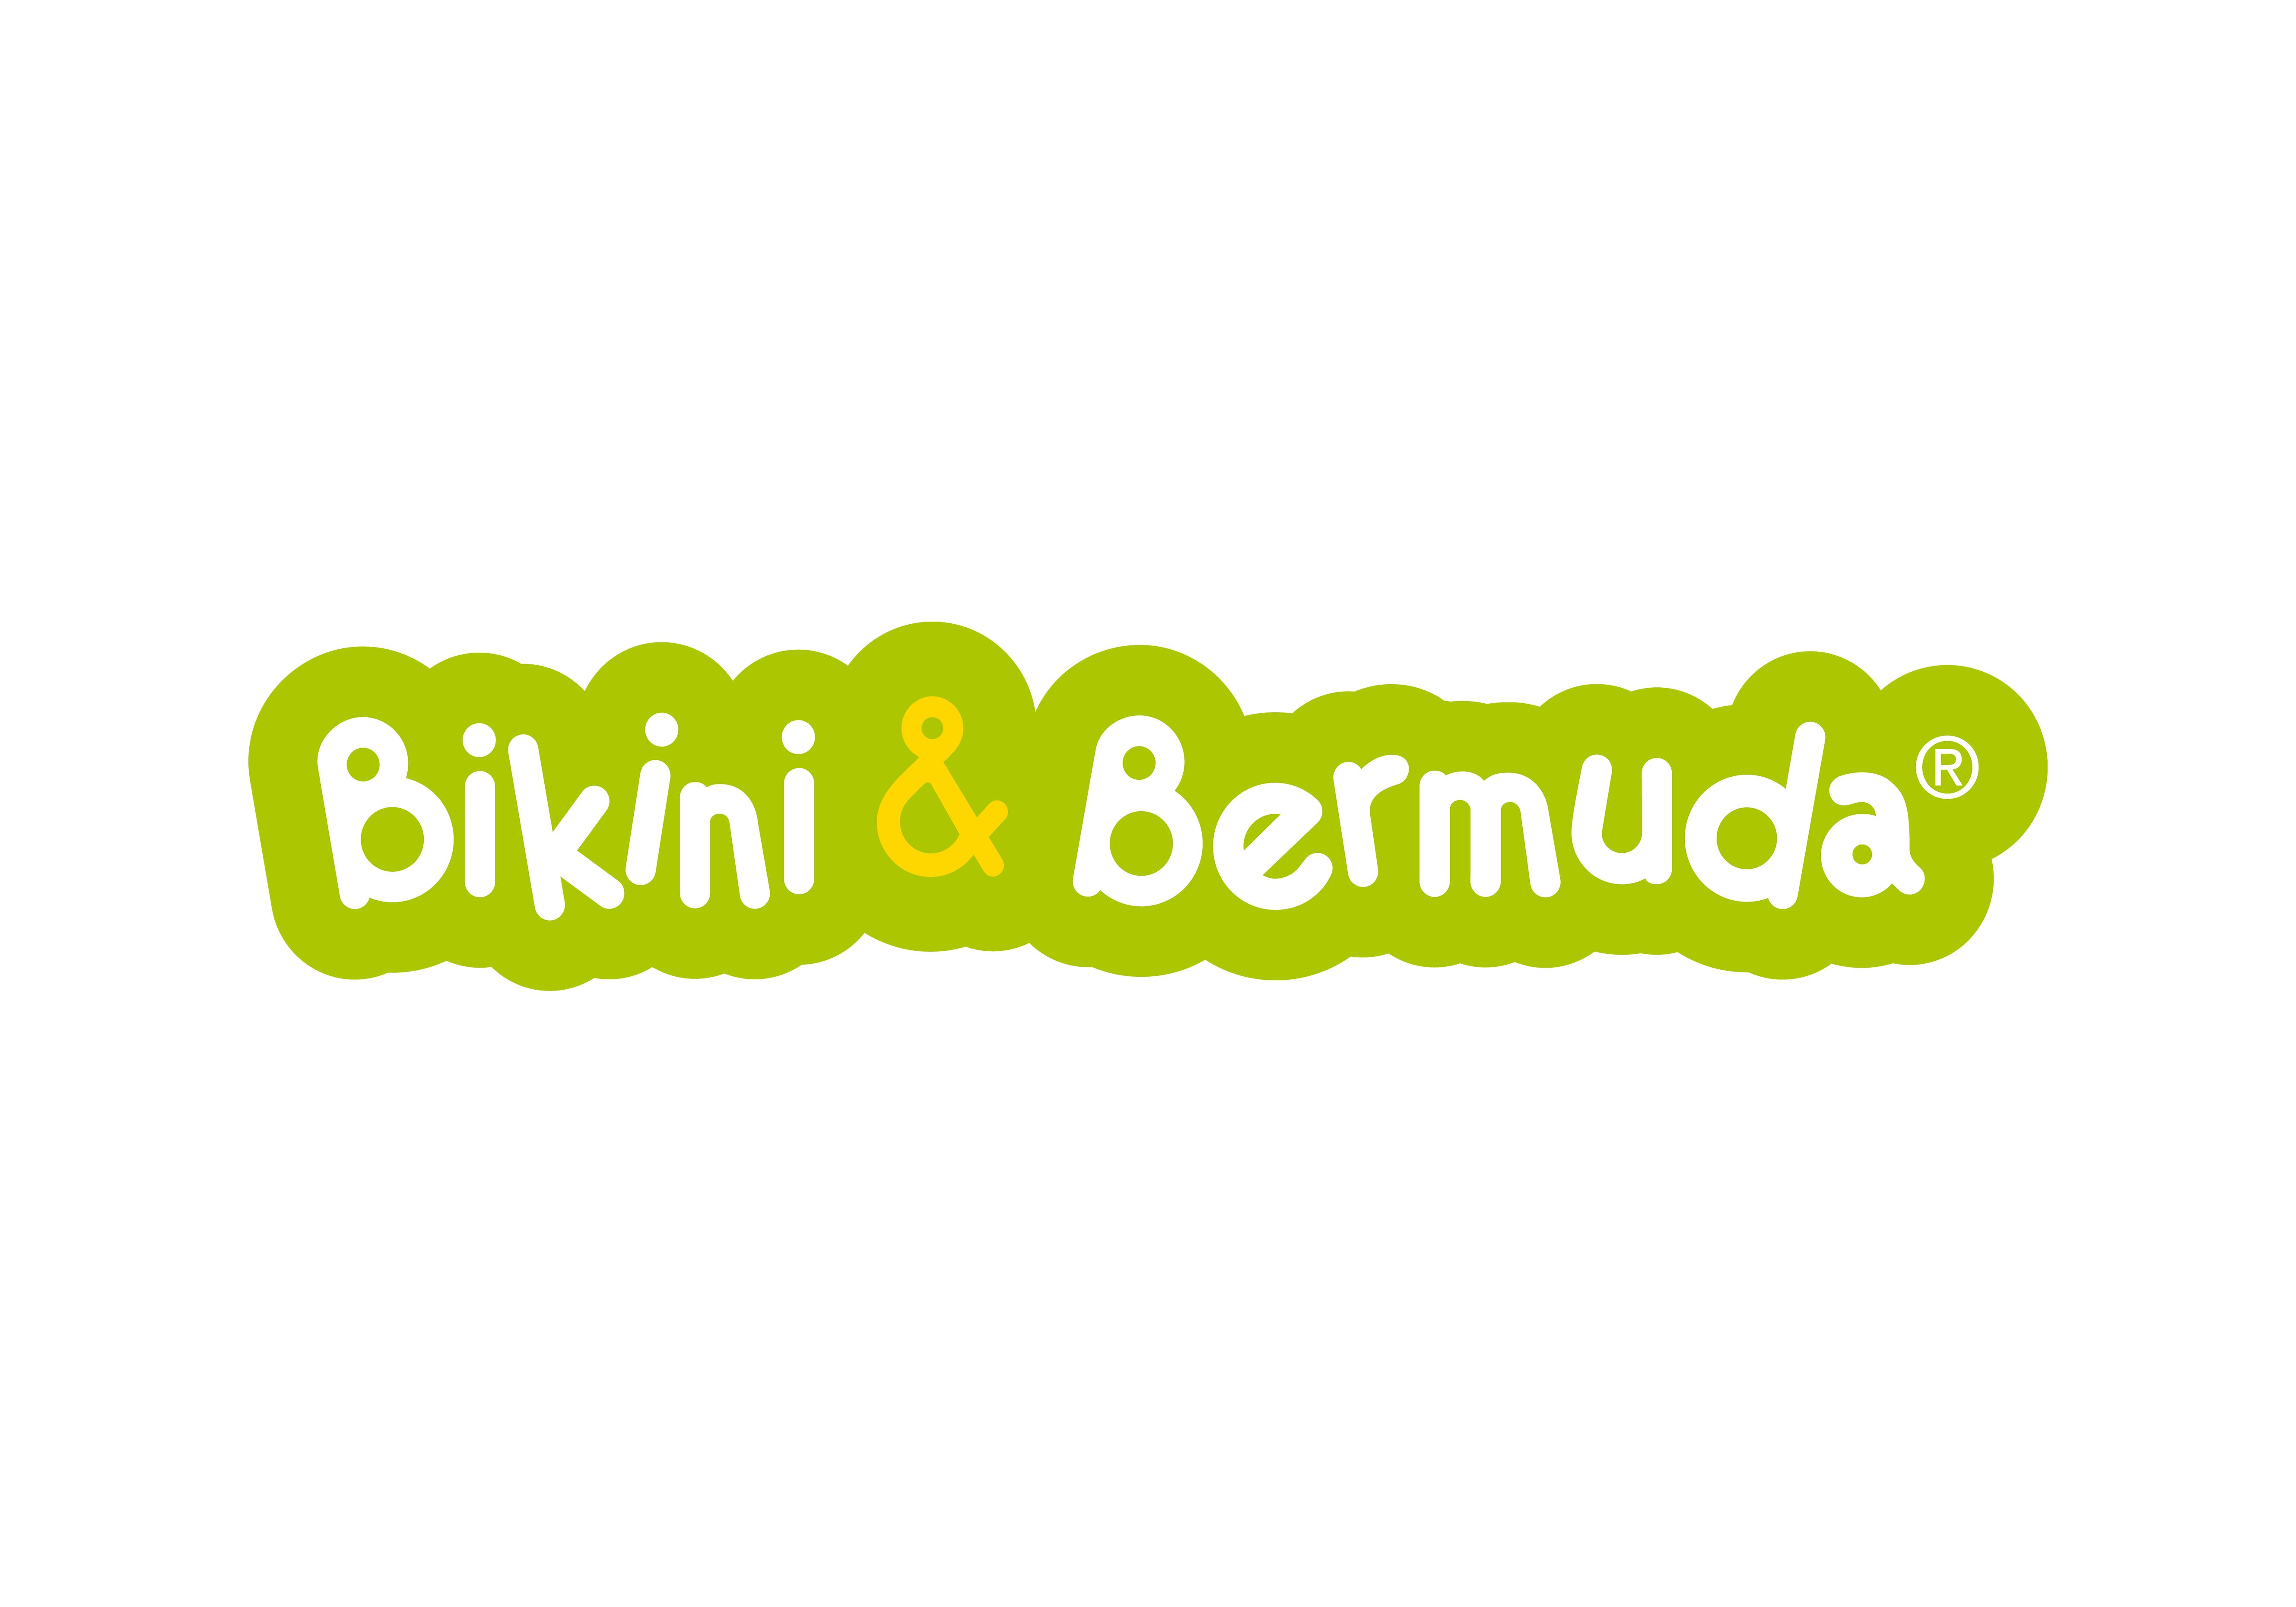 visuel bikini site internet2